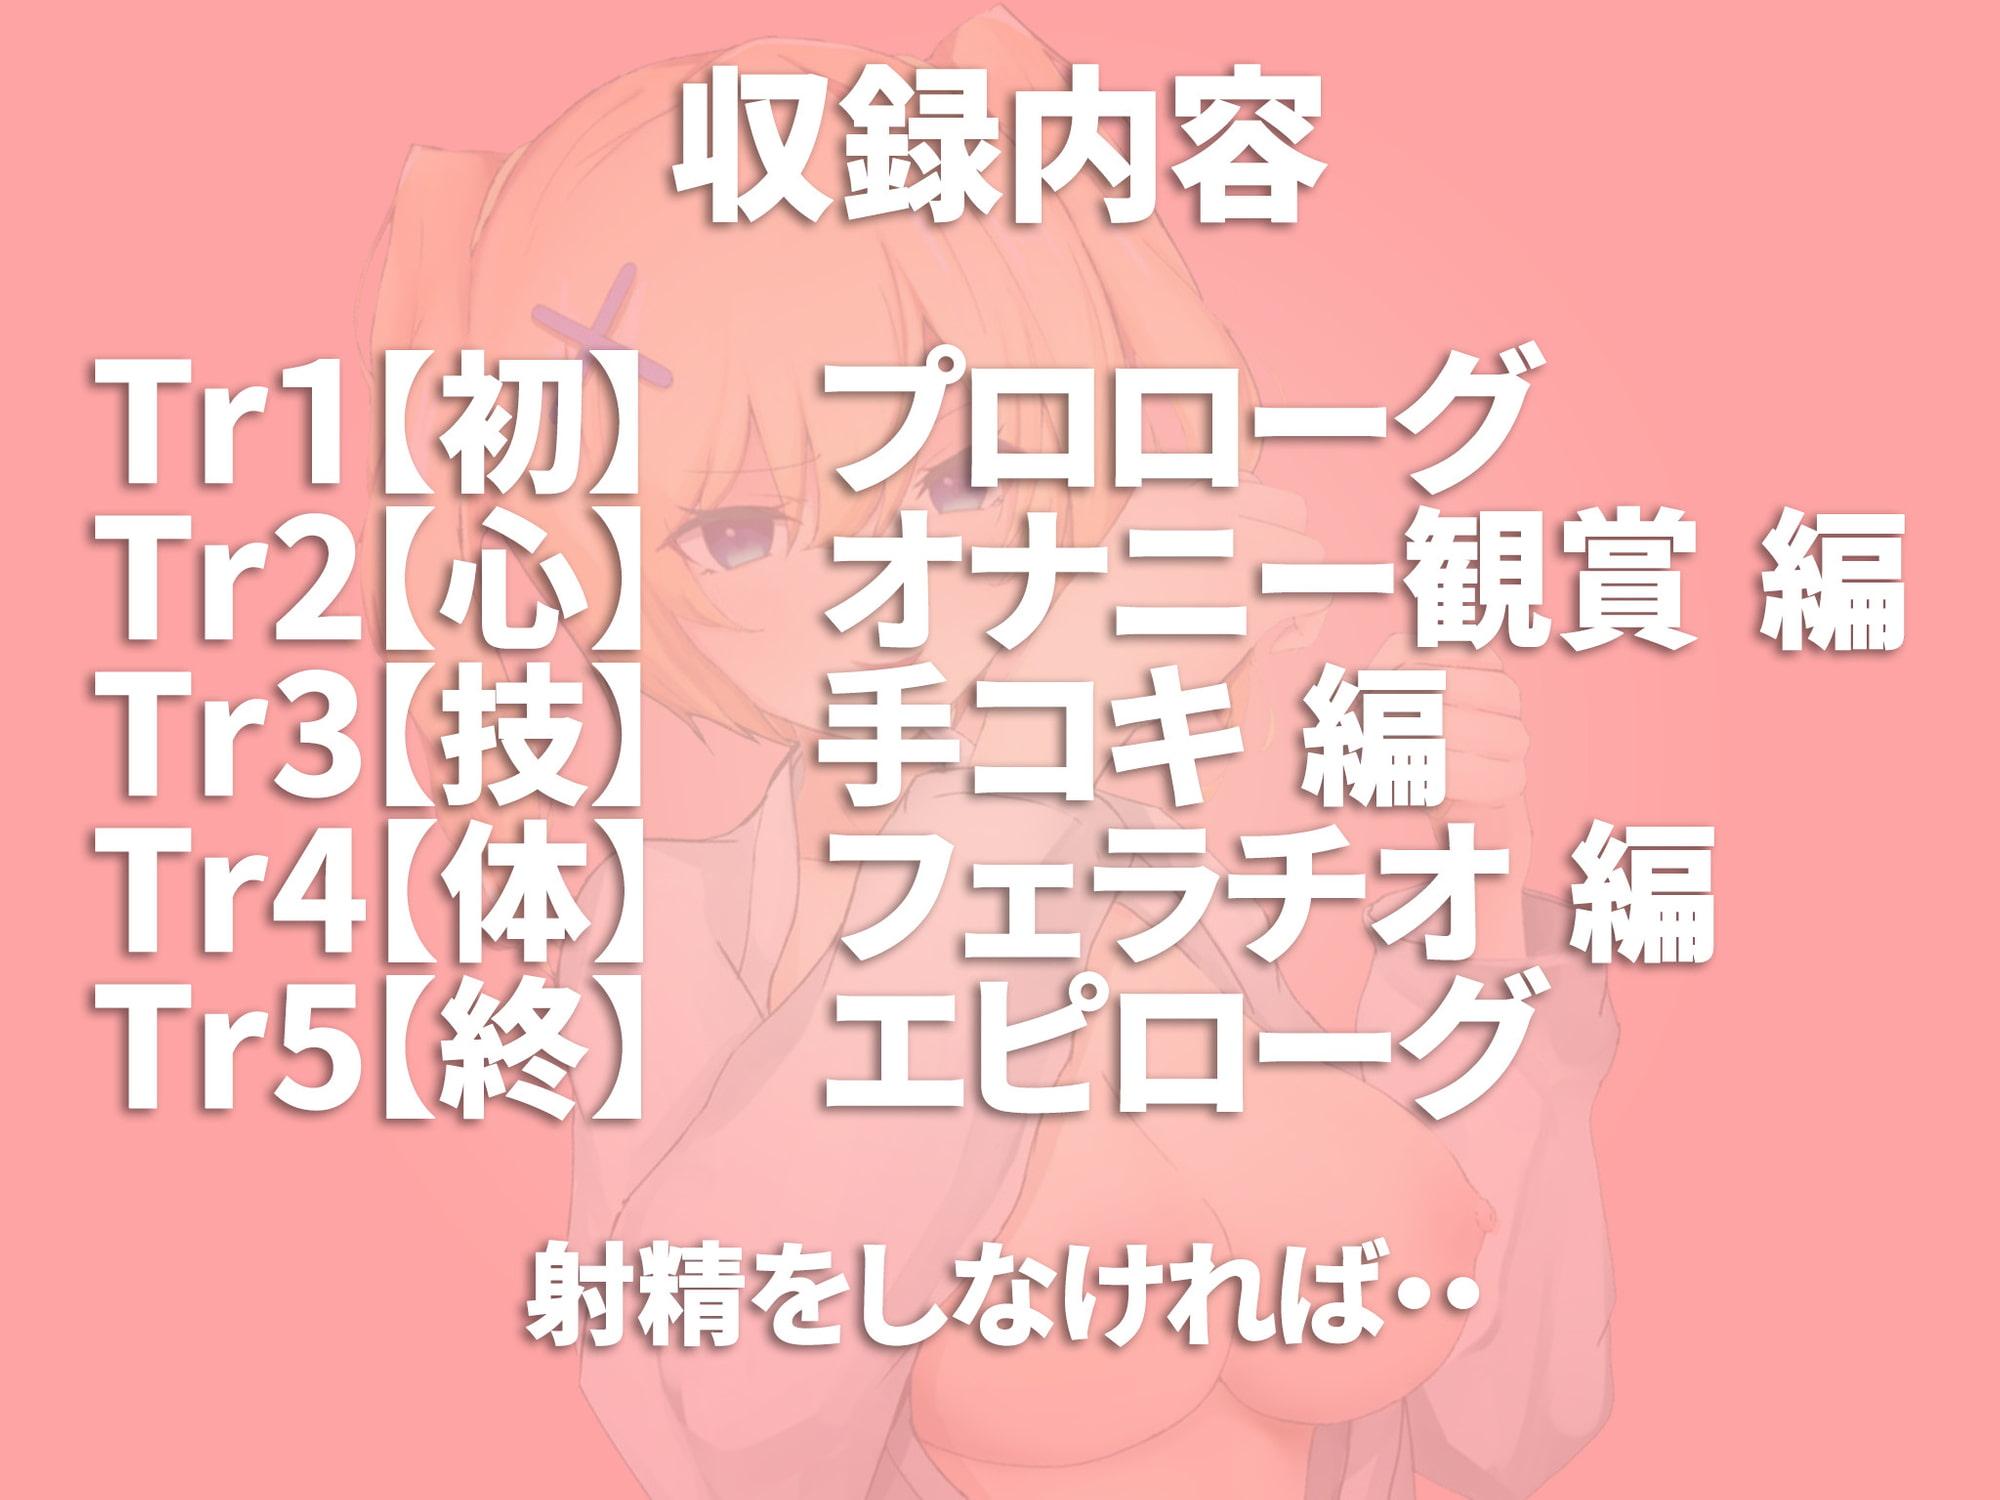 凸撃!噂のオナサポ道場 白帯処女編